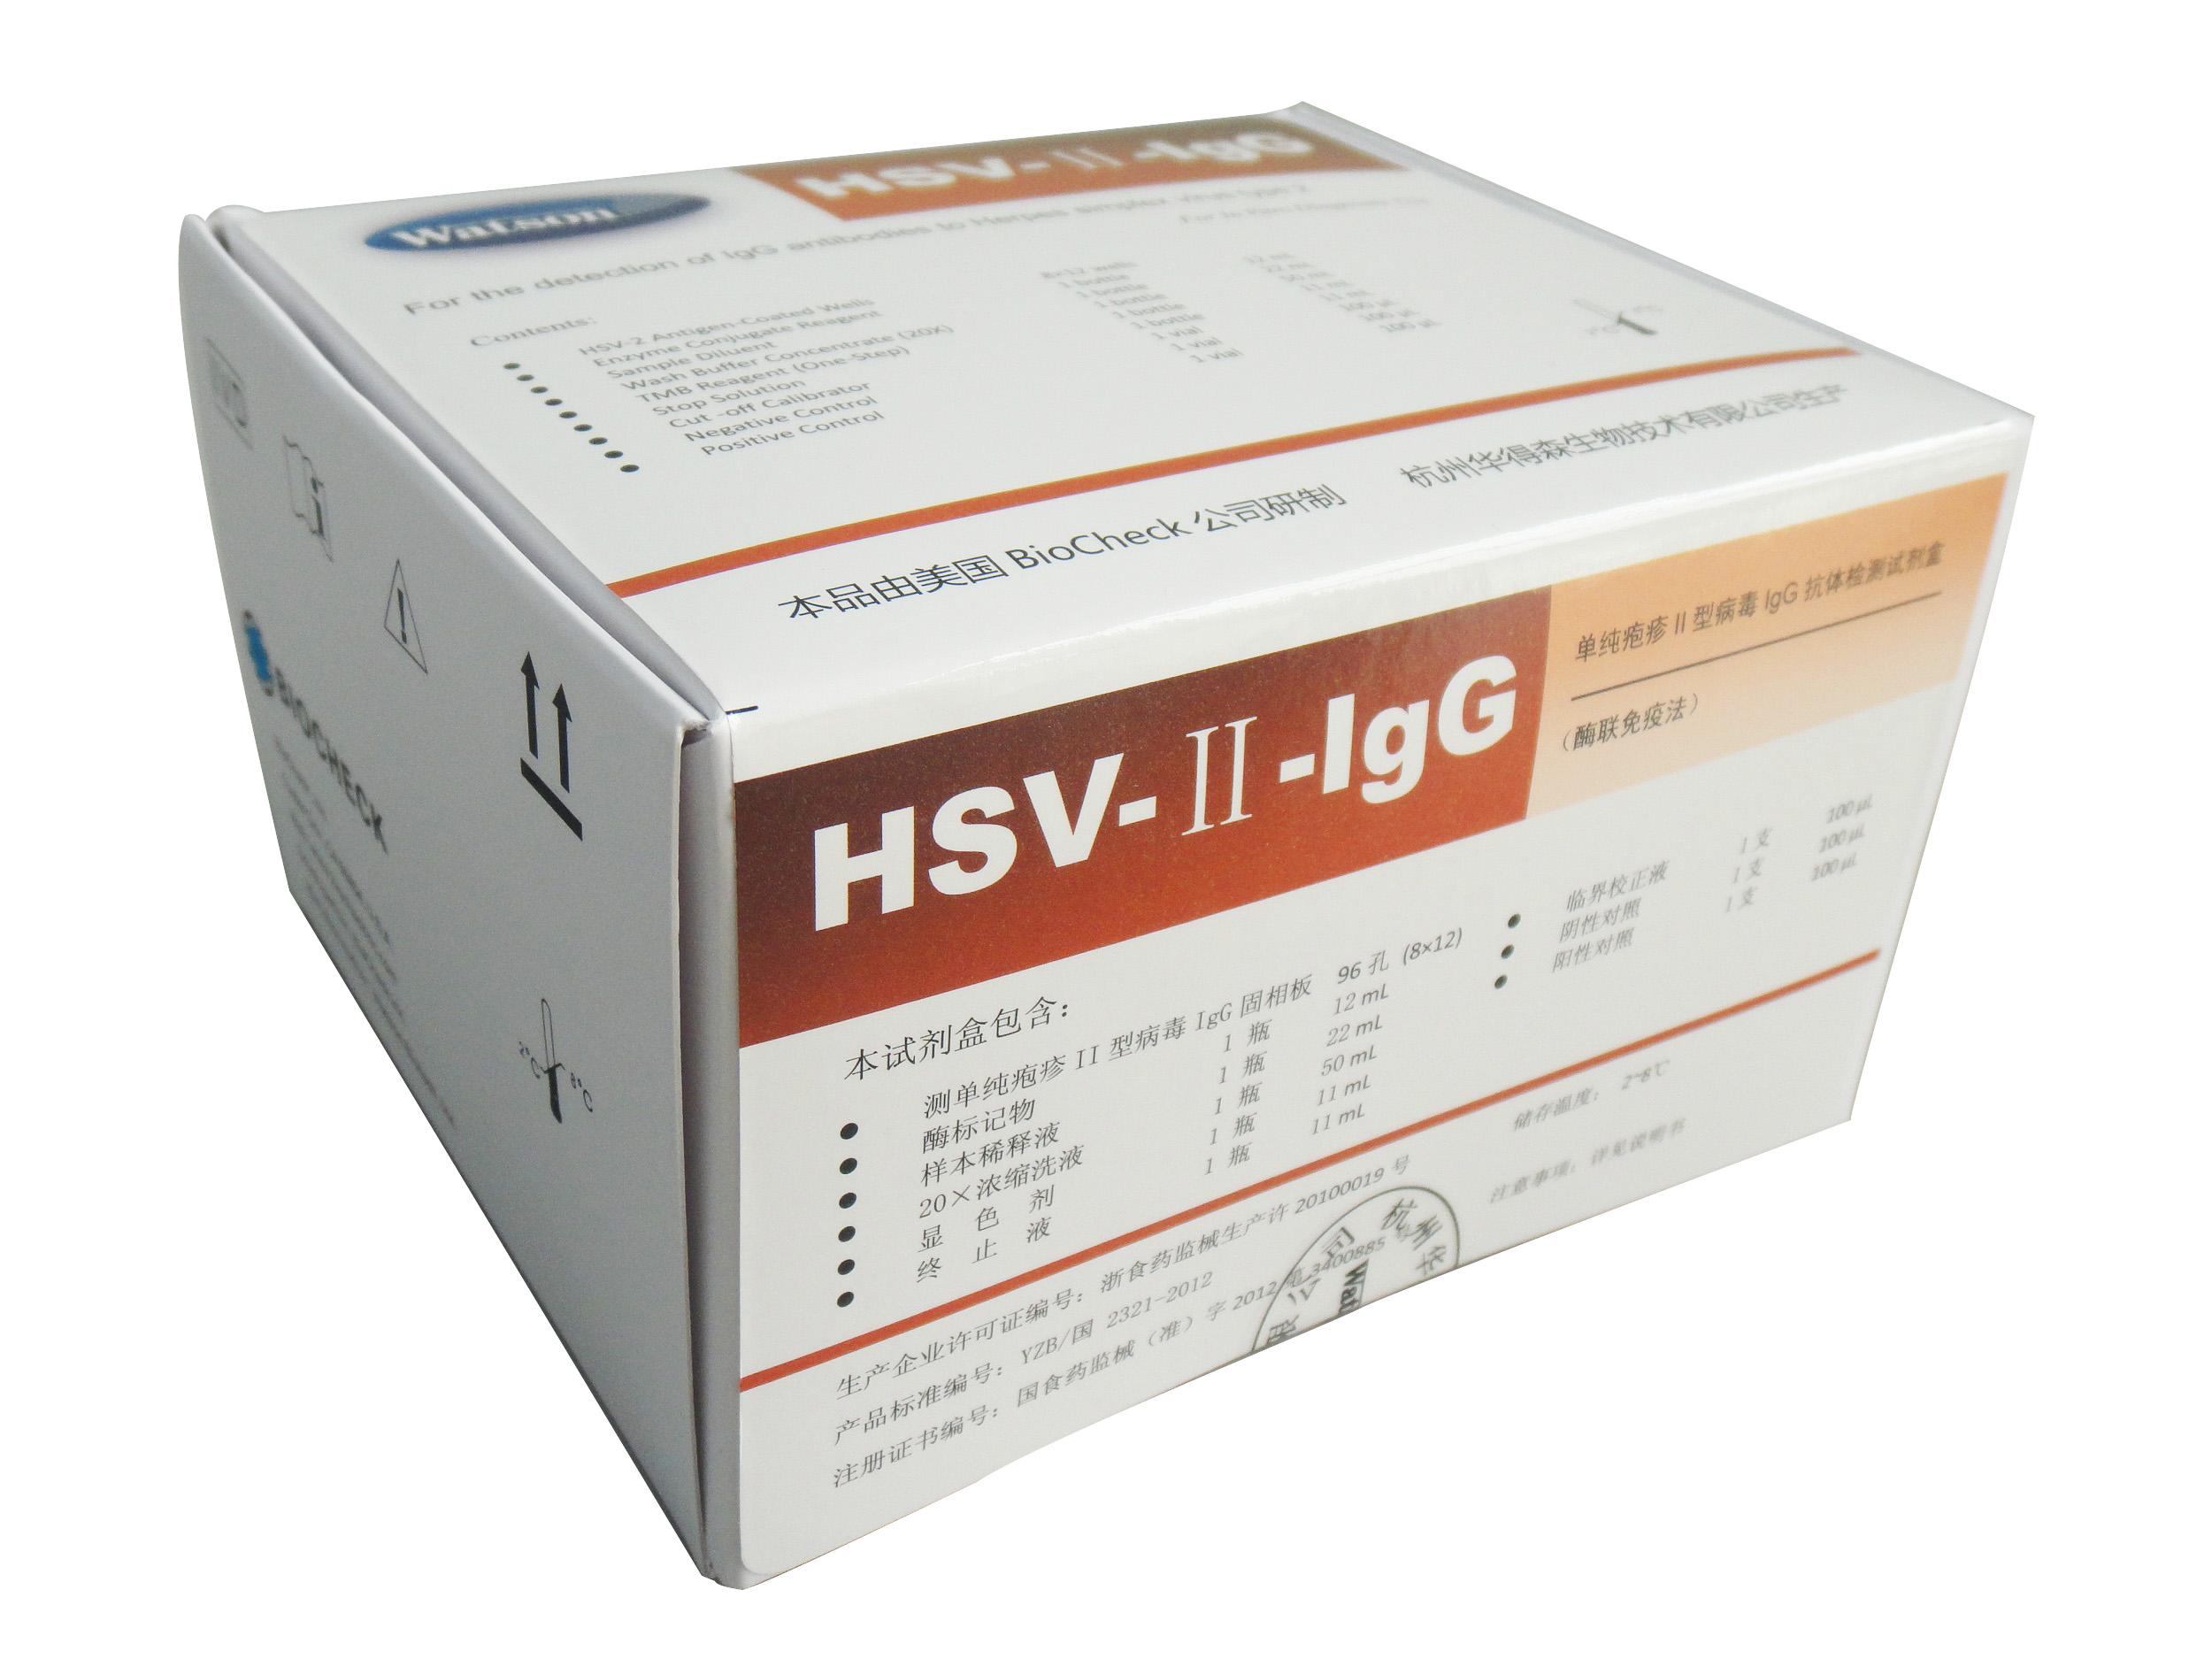 单纯疱疹Ⅱ型病毒IgG抗体检测试剂盒